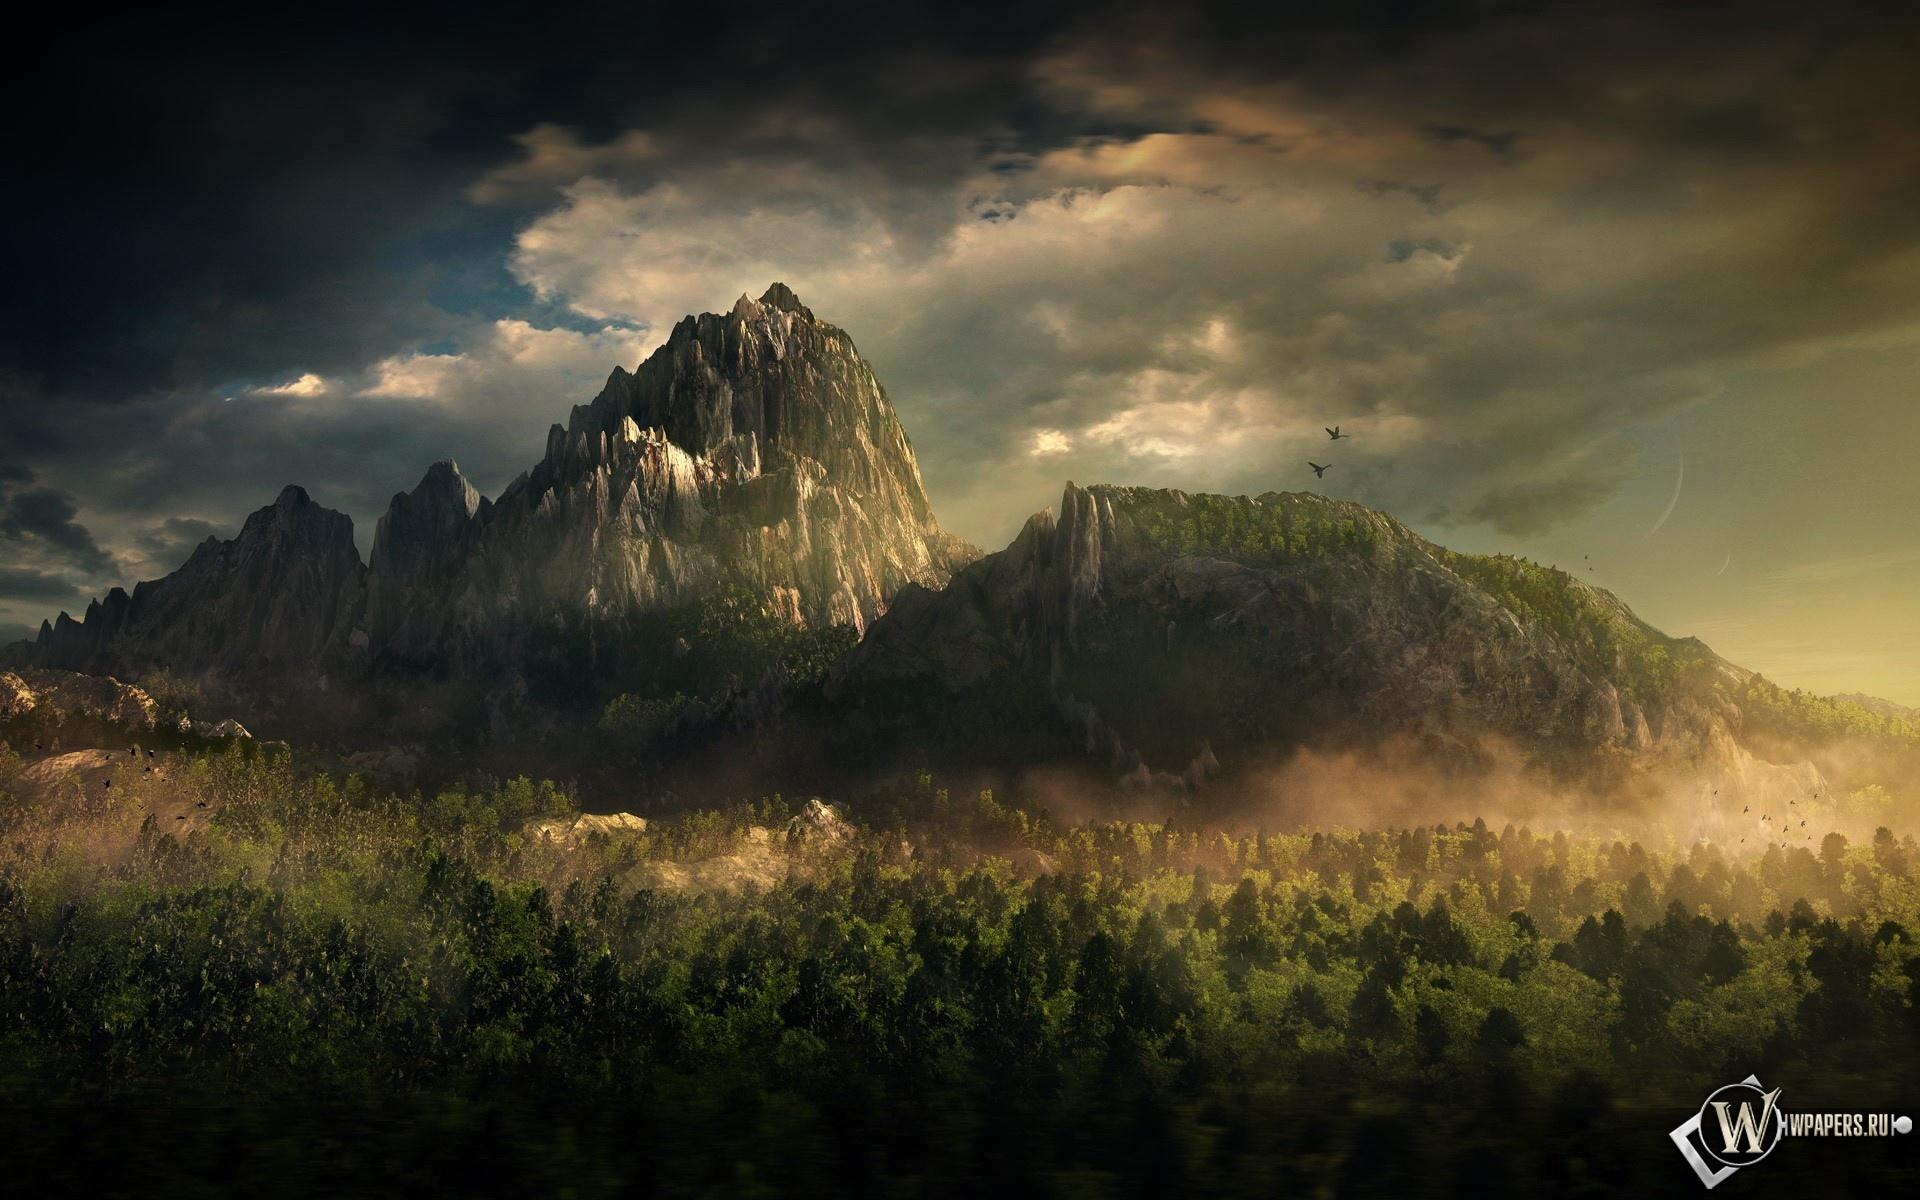 Mountain landscape 1920x1200